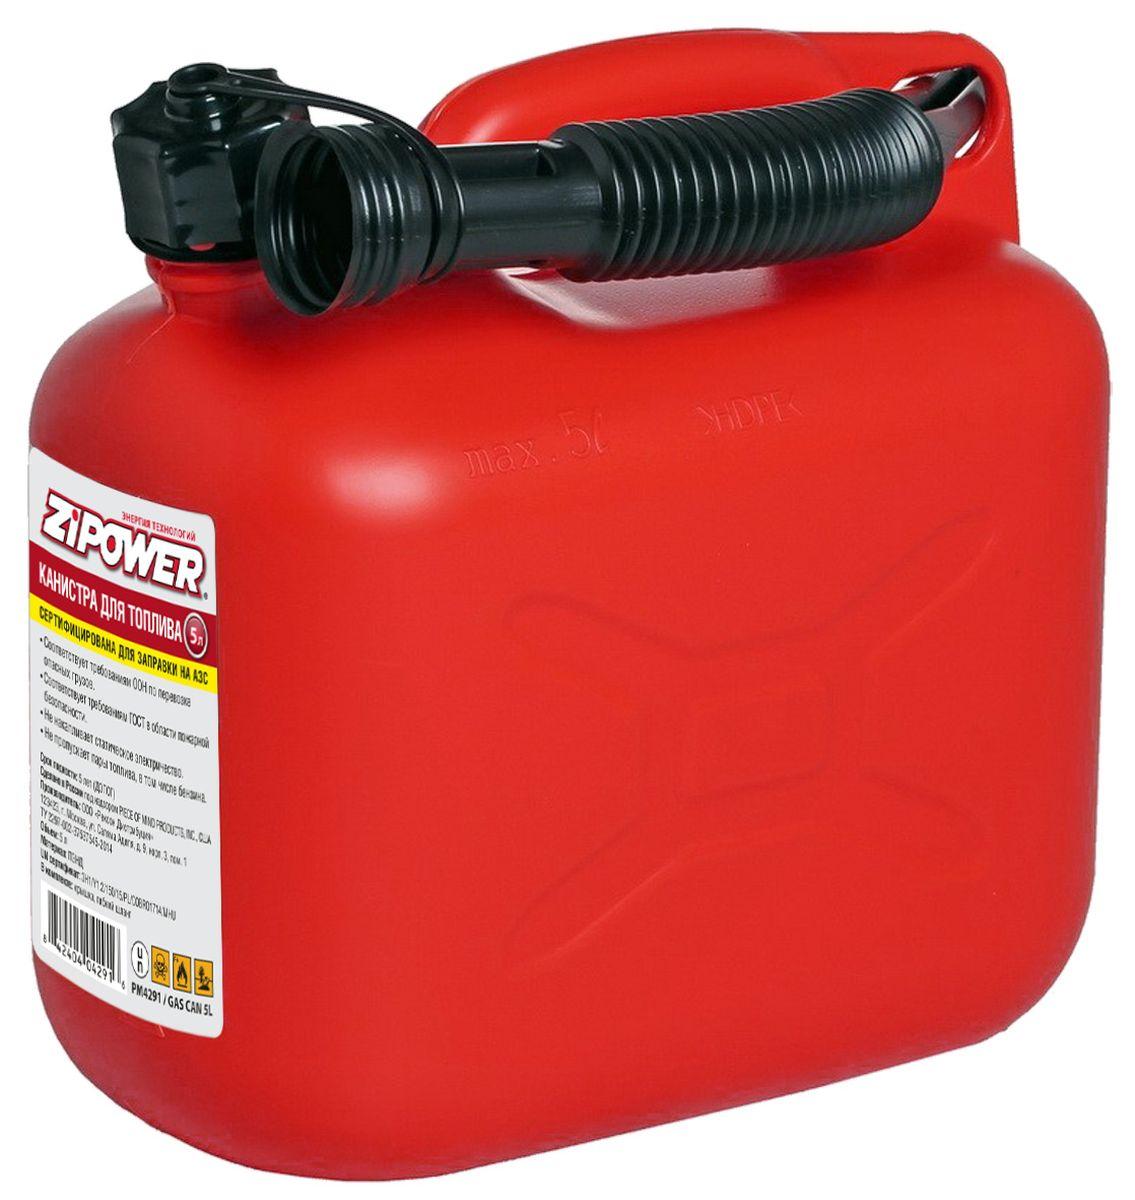 Канистра для топлива Zipower, цвет: красный, 5 лPM4291Канистра Zipower предназначена для хранения горюче-смазочных материалов. Канистра изготовлены из первичного сырья ПЭНД и не накапливает статический заряд. Товар имеет европейский сертификат соответствия 3H1/Y1.2/150/15/PL/COBR01714/MHU, который позволяет производить заливку бензина в канистру и контактировать с металлическим пистолетом на АЗС. Канистра укомплектована крышкой и гибким шлангом. Объем канистры: 5 литров.